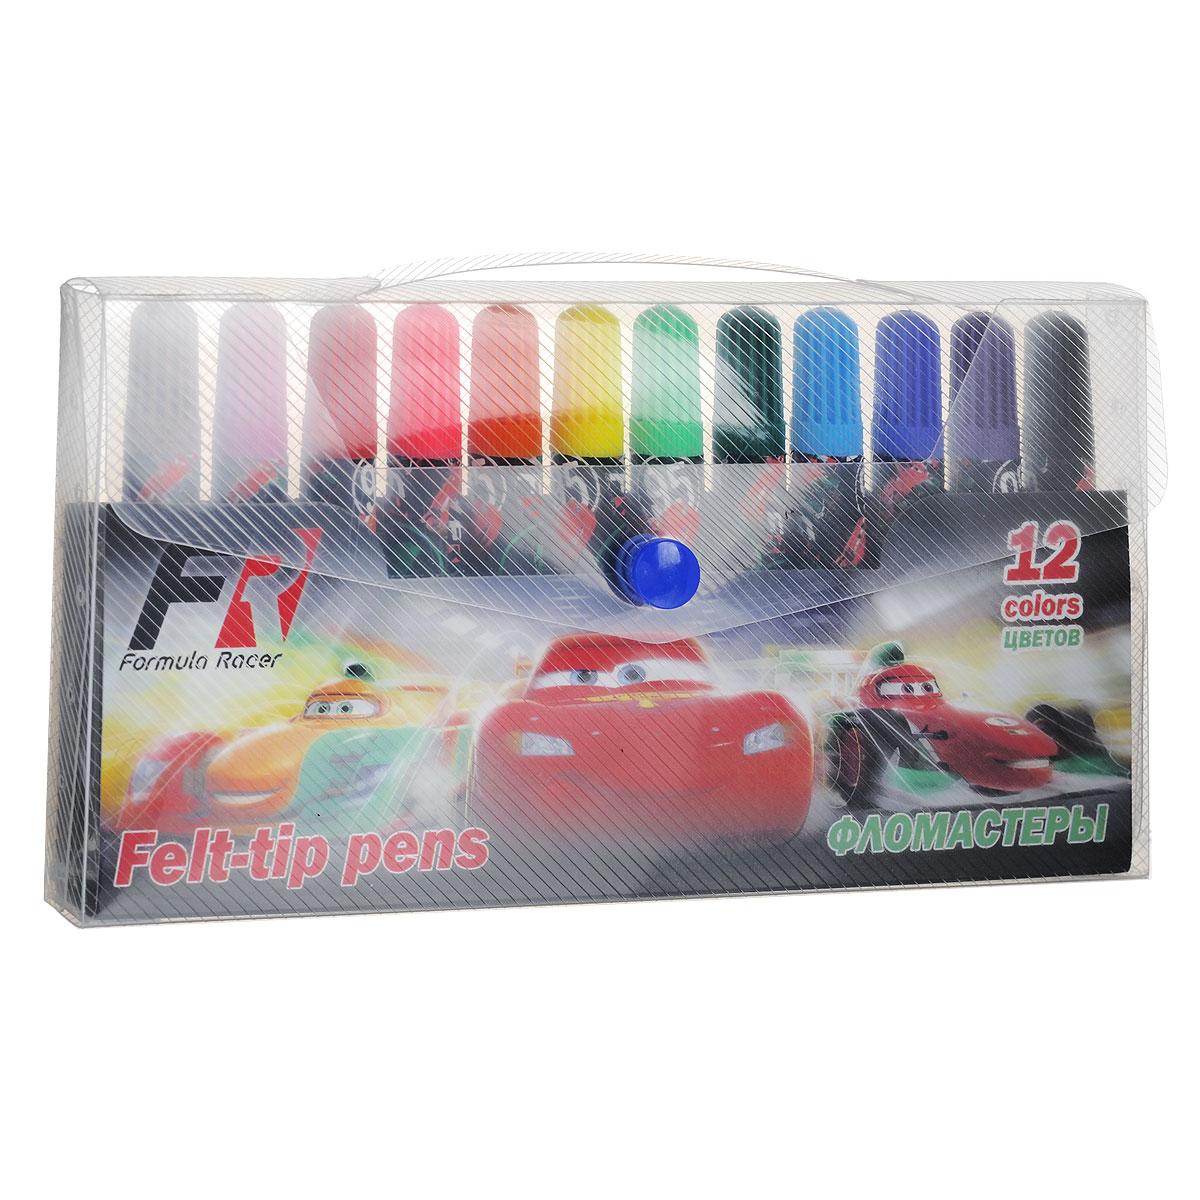 Набор фломастеров Cars, 12 штCRBB-US1-4M-12Фломастеры Cars, предназначенные для рисования и раскрашивания, помогут вашему малышу создать неповторимые яркие картинки. Широкий корпус фломастера, оформленный изображениями персонажей мультфильма Тачки, удобно держать в руке. Набор включает в себя фломастеры 12 ярких насыщенных цветов в разноцветных корпусах (цвет колпачка соответствует цвету чернил). Каждый фломастер оснащен плотным вентилируемым колпачком, надежно защищающим чернила от испарения. Фломастеры упакованы в пластиковый футляр, оснащенный вставкой-держателем для фломастеров. Футляр закрывается на кнопку и снабжен ручкой для переноски. Фломастеры Cars - идеальный инструмент для самовыражения и развития маленького художника!